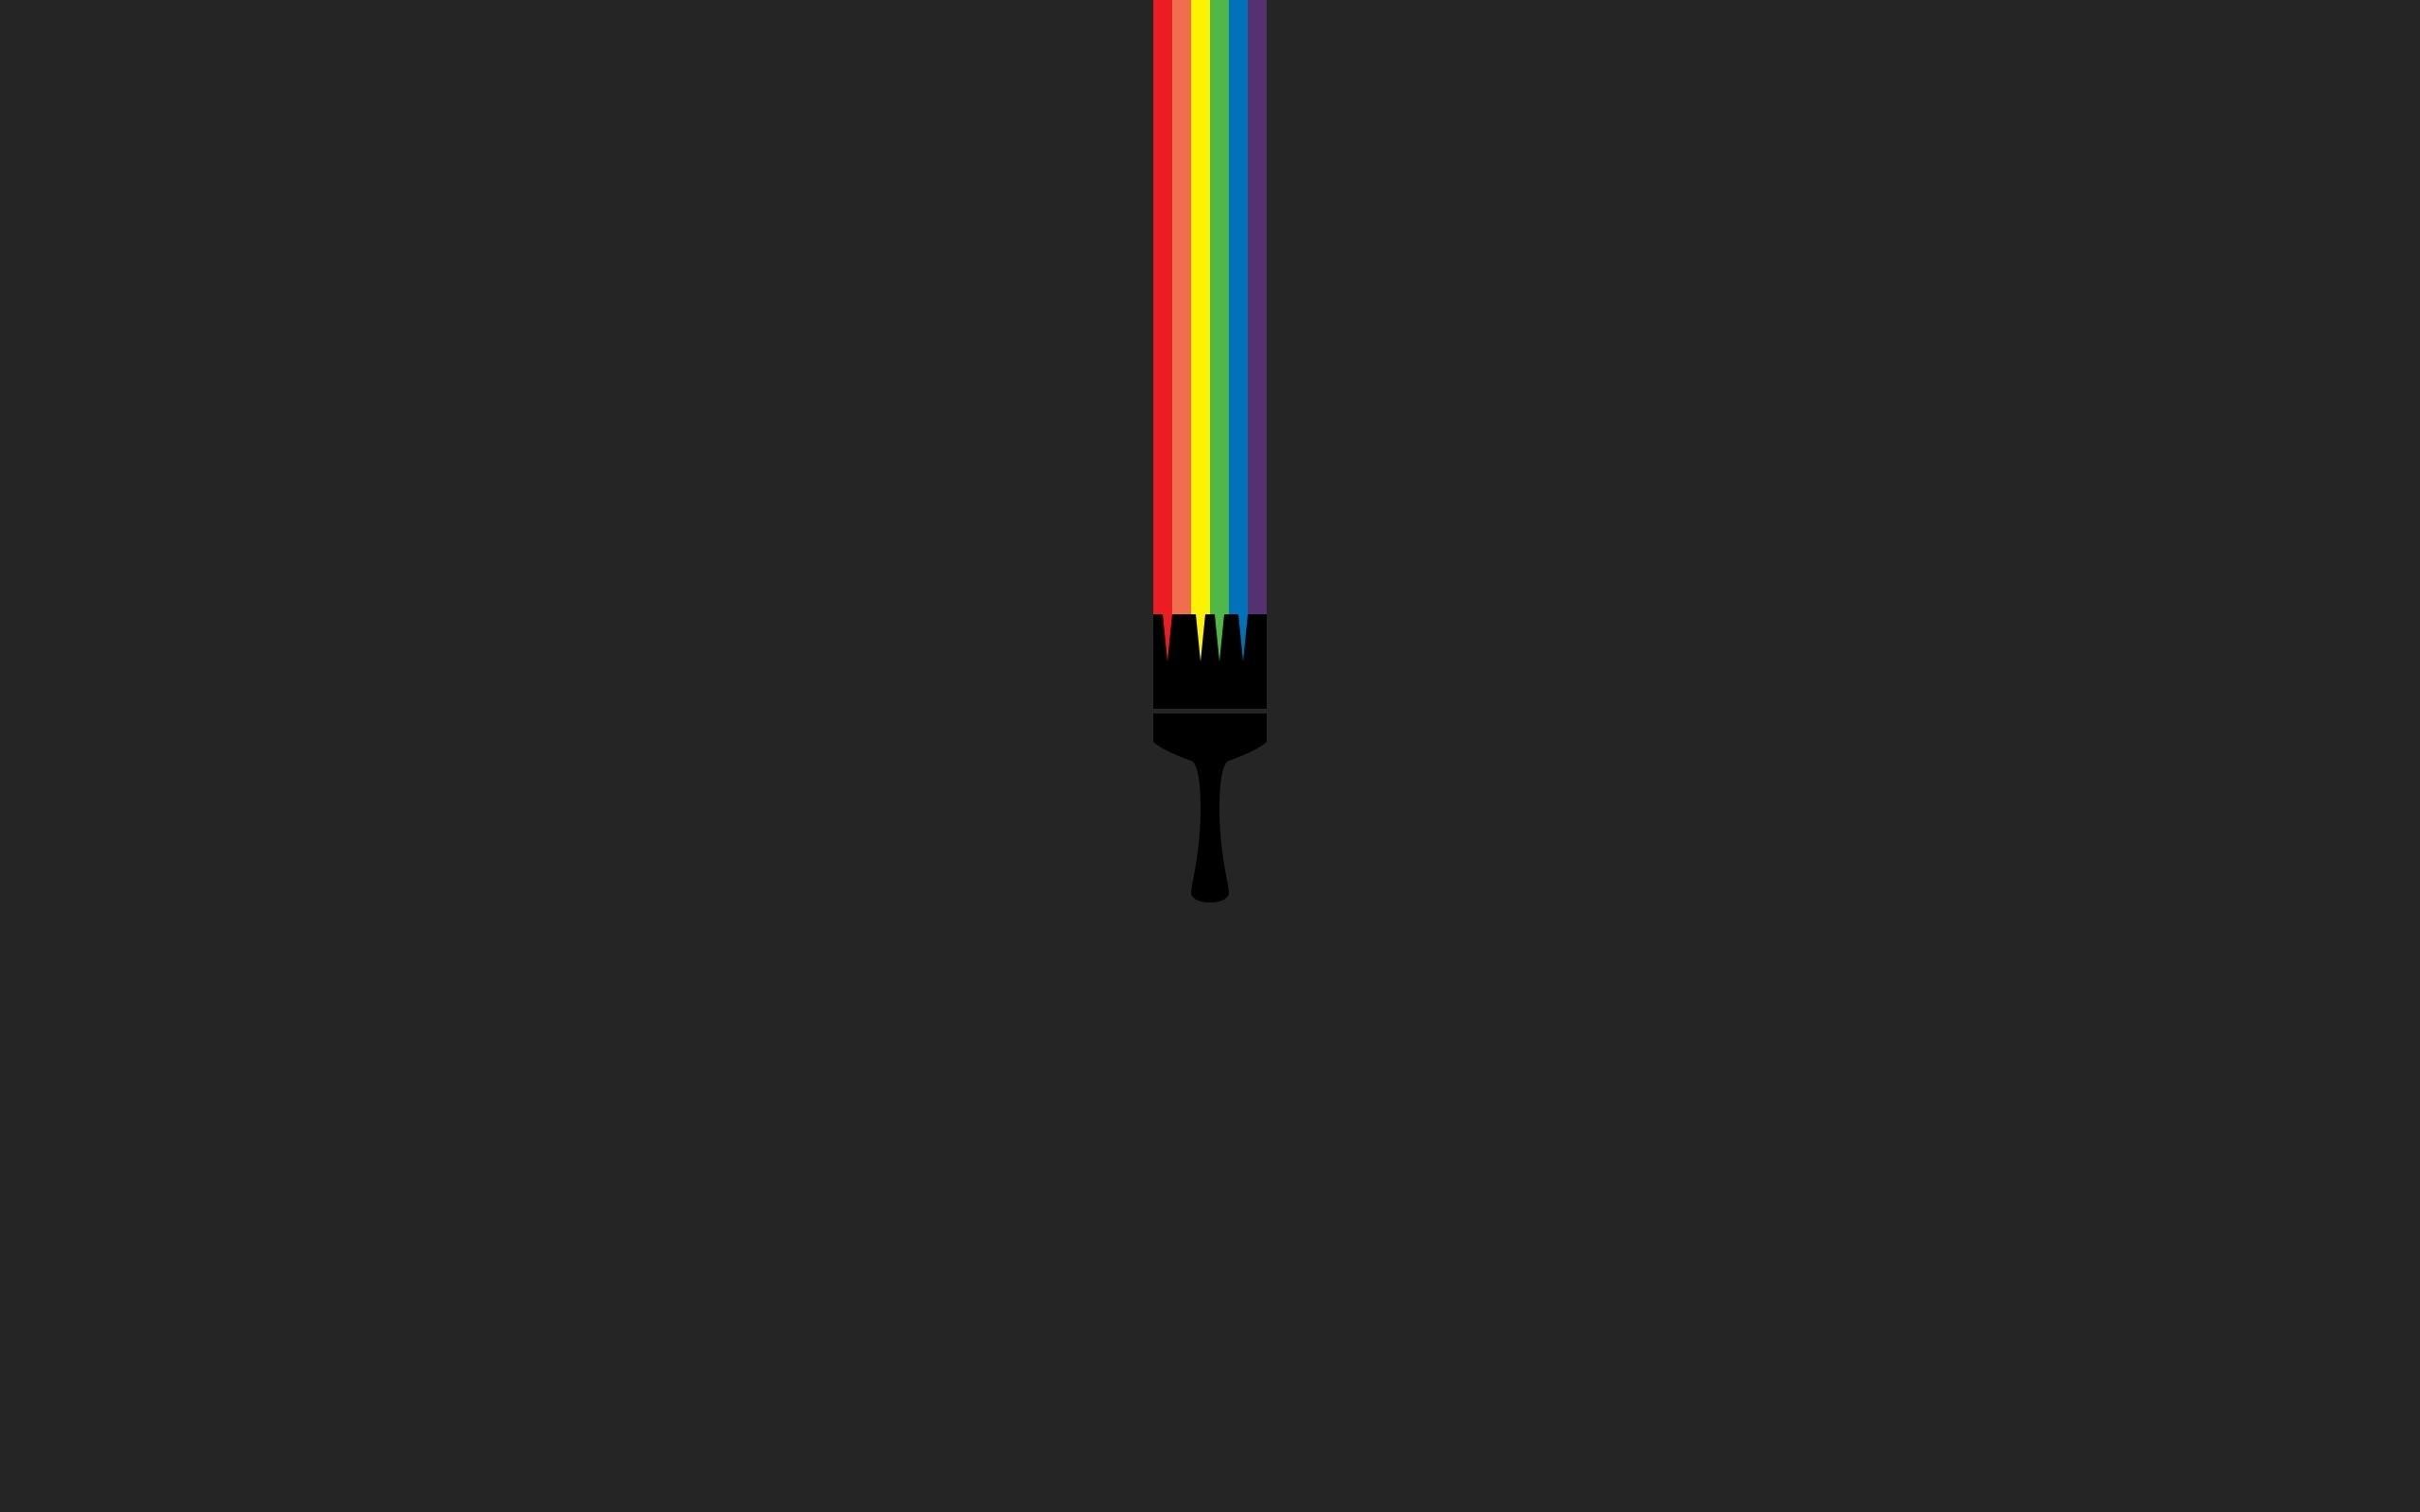 Minimalistic Gray Wallpaper 2560x1600 Minimalistic Gray Rainbows 2560x1600